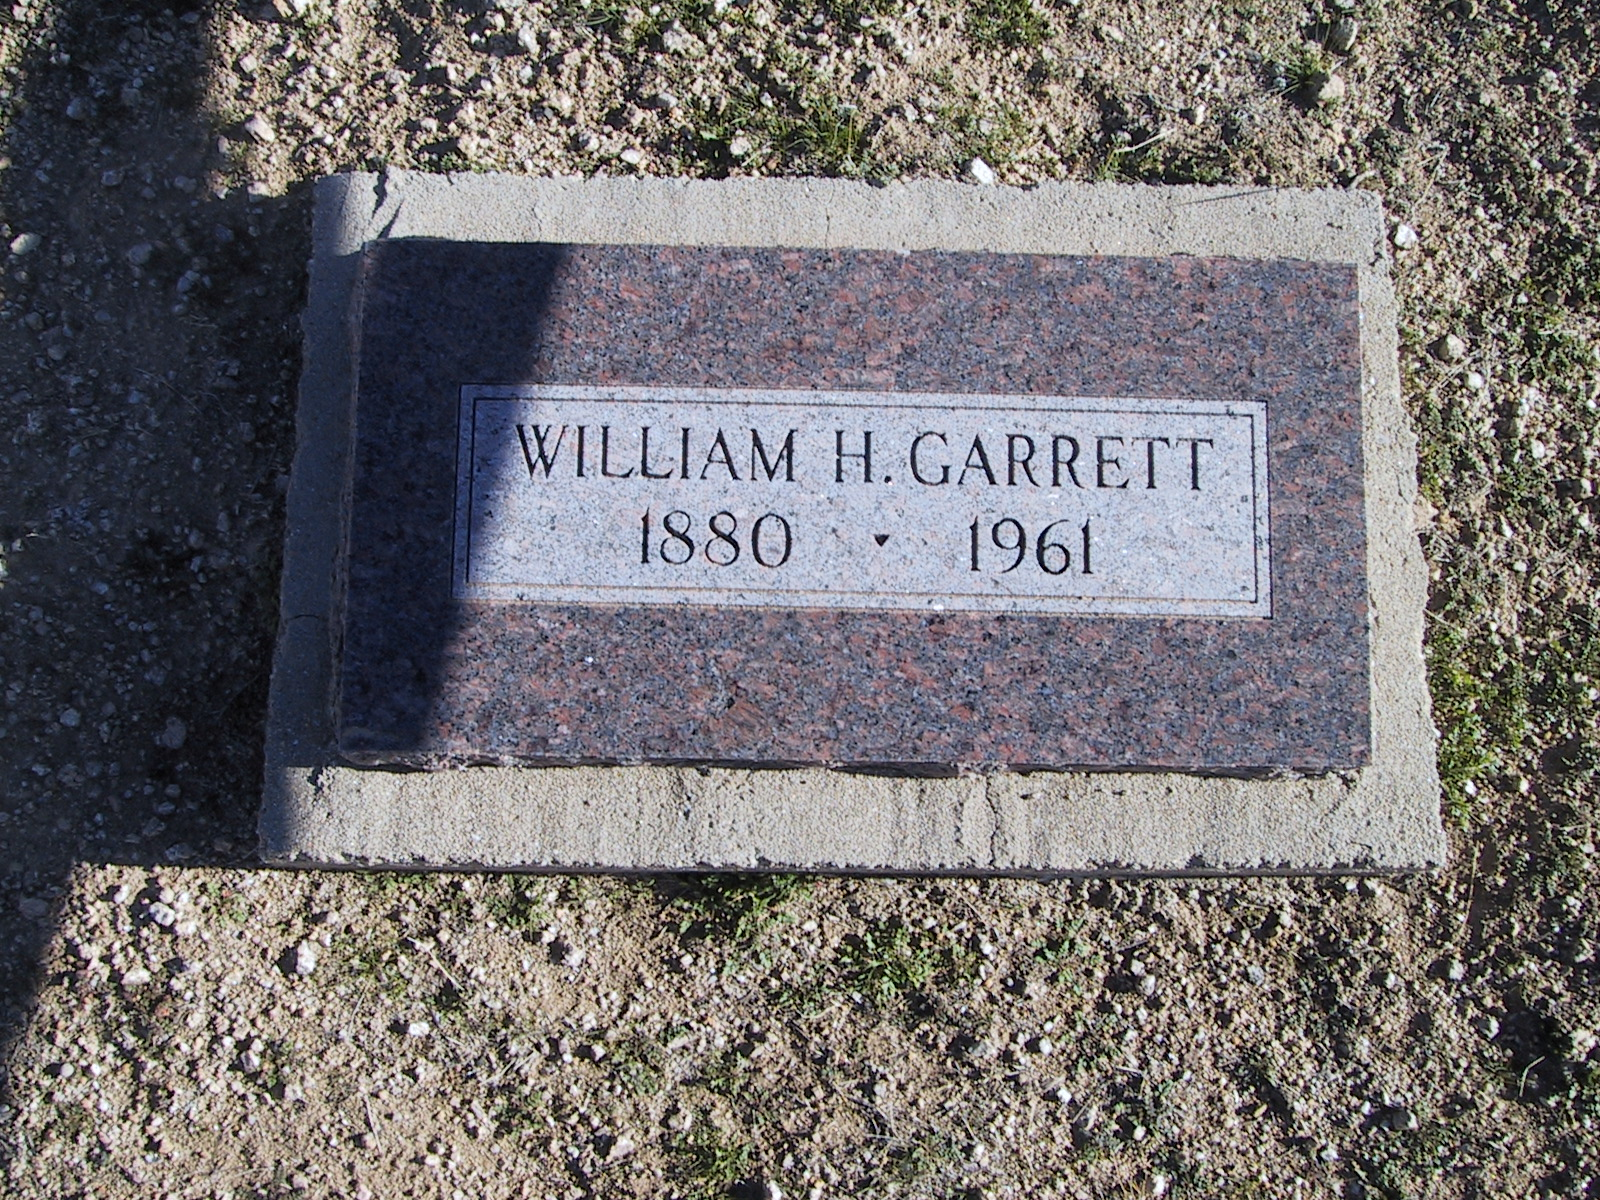 William H. Garrett 1880-1961